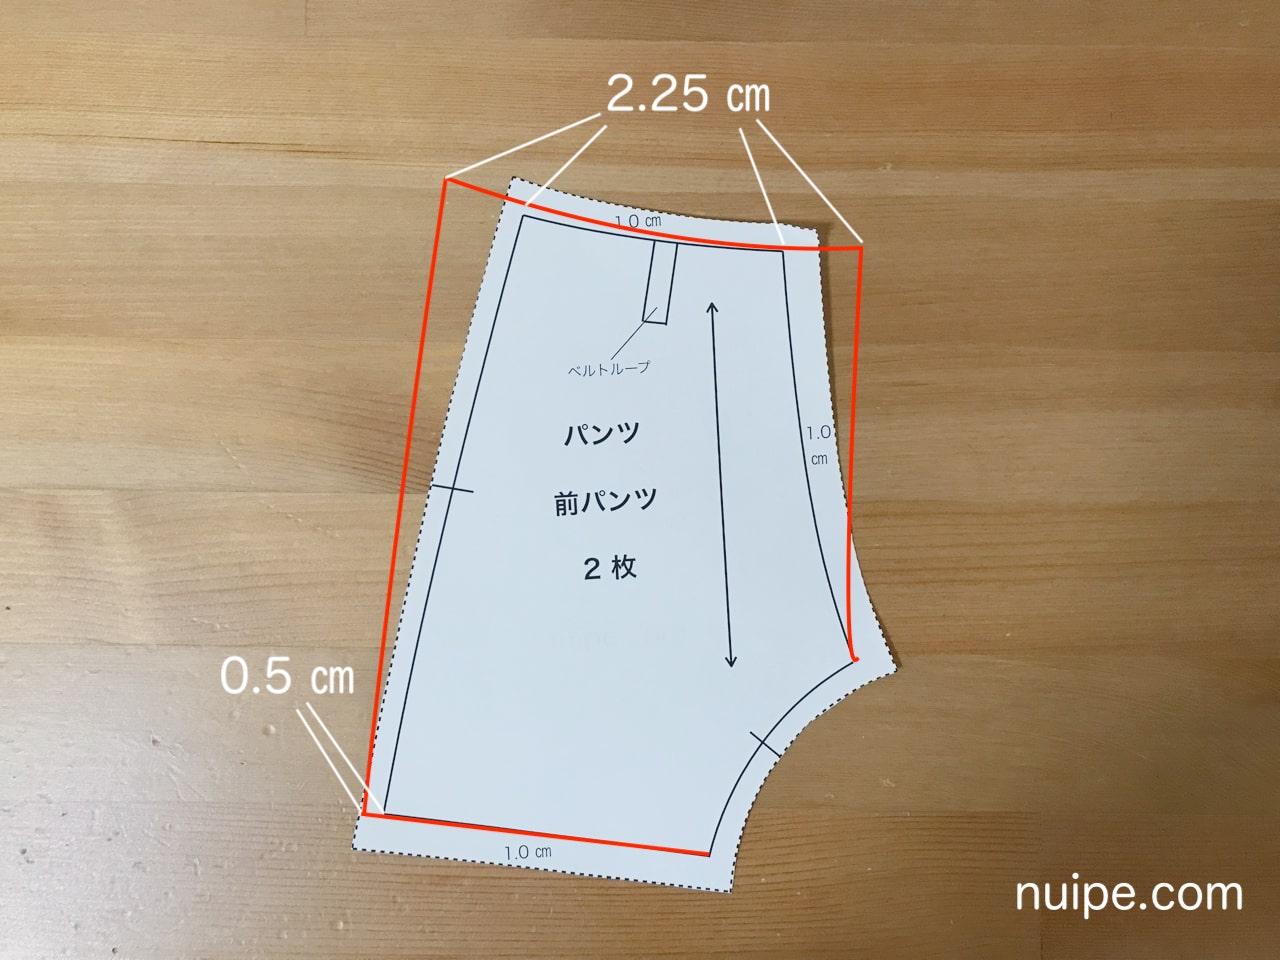 ダッフィー服作り方型紙